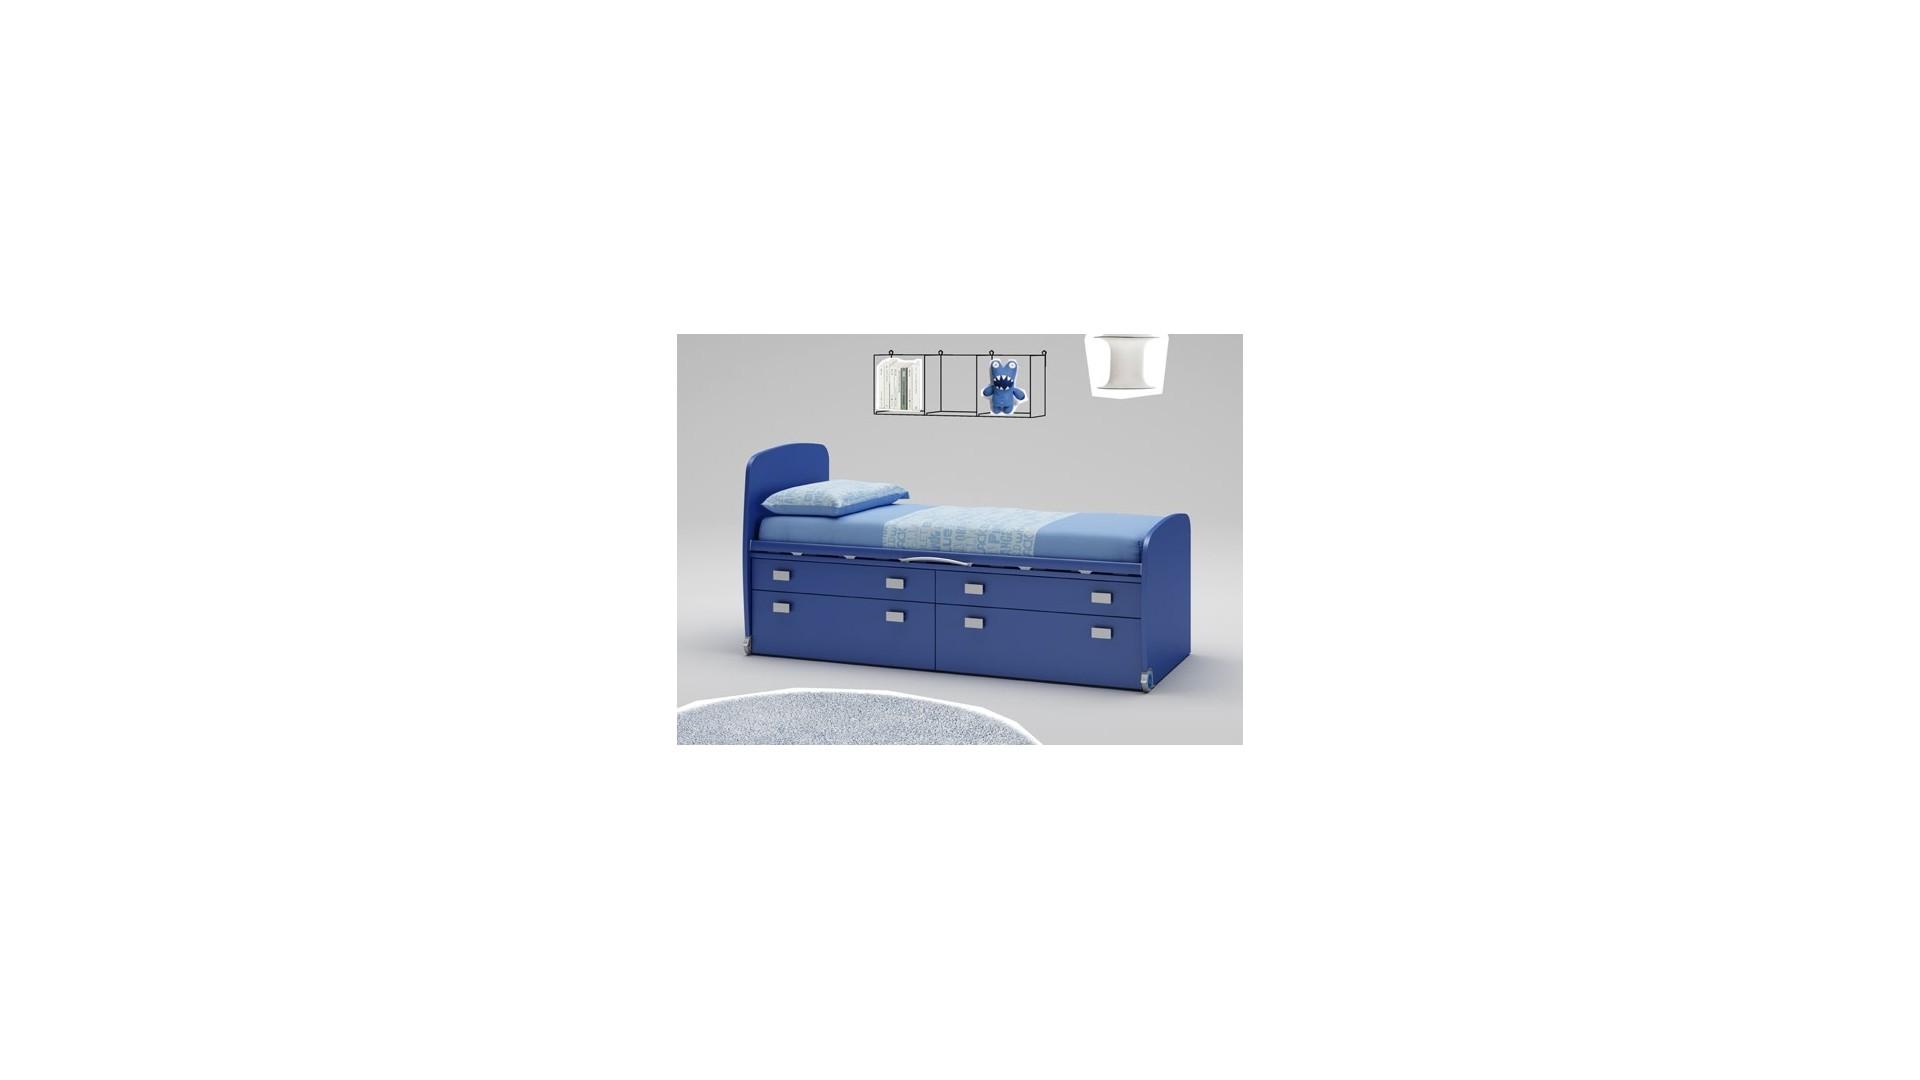 Lit enfant PERSONNALISABLE WP011 avec 2 tiroirs et 2 coffres sur roulettes - MORETTI COMPACT